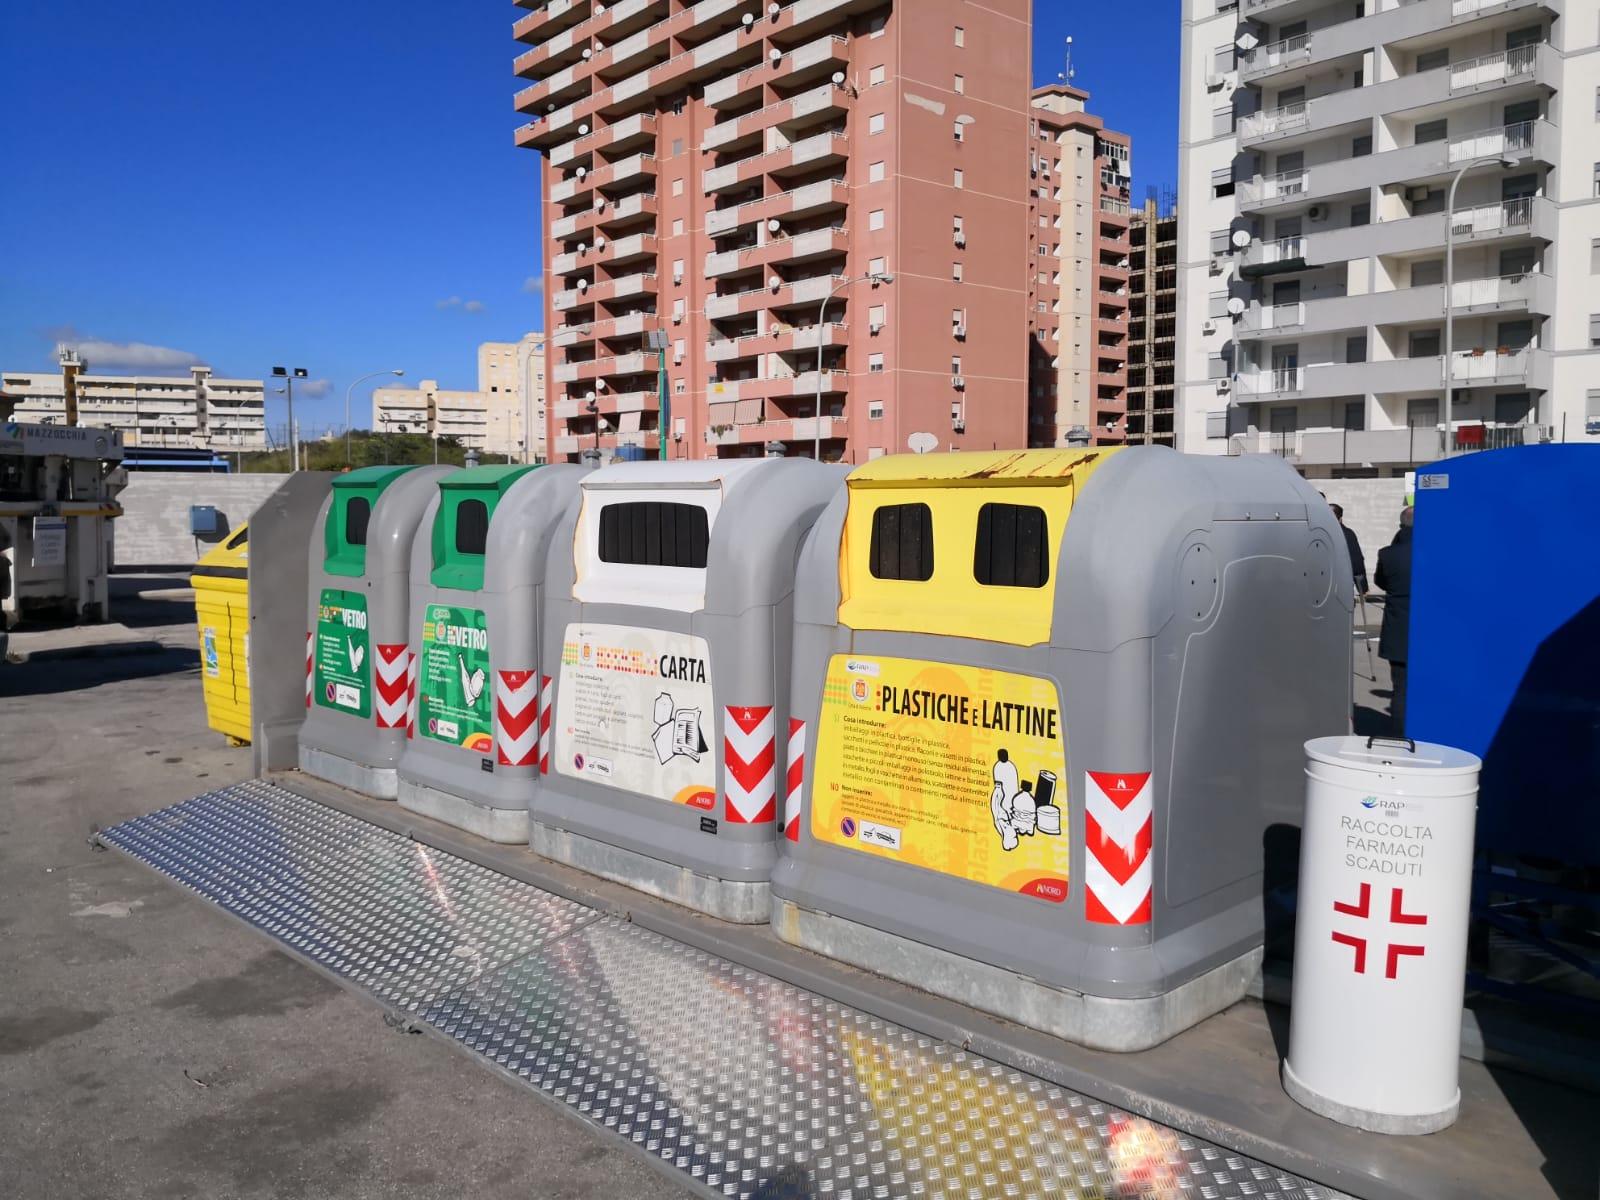 Centro-raccolta-rifiuti-9